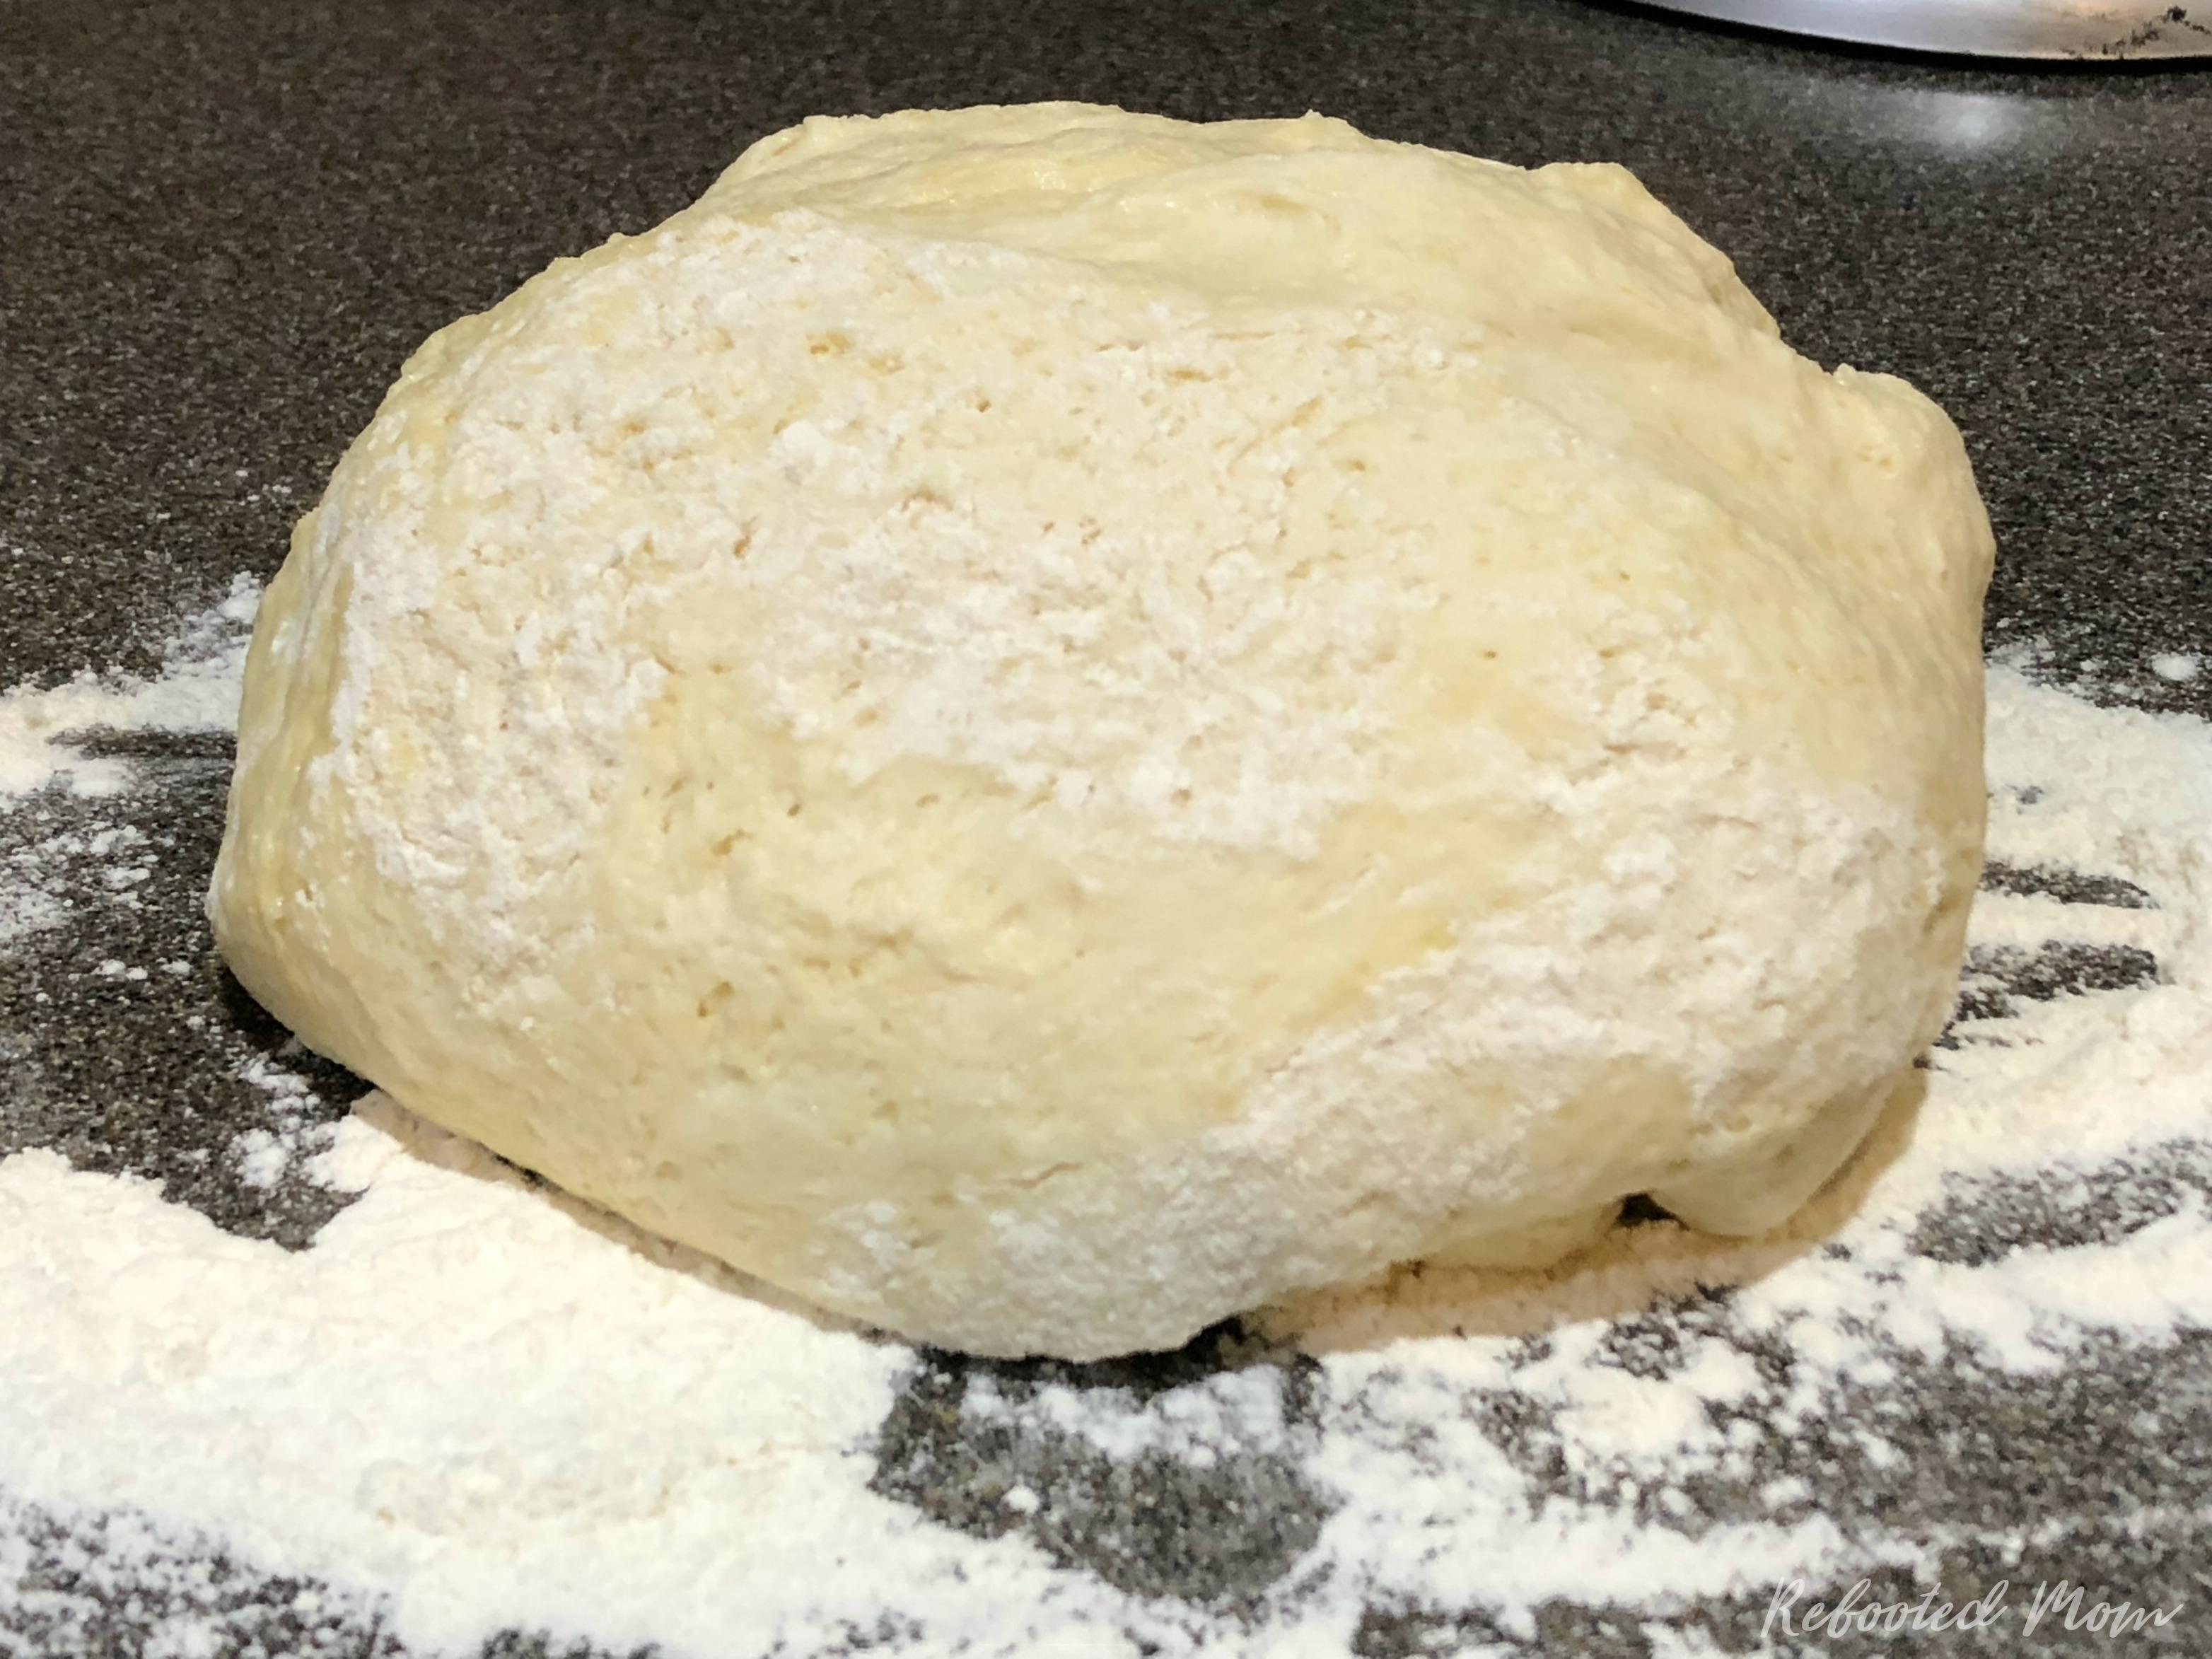 Make a successful quick kefir sourdough bread using kefir fermented milk in lieu of a sourdough starter. It bakes up beautifully!